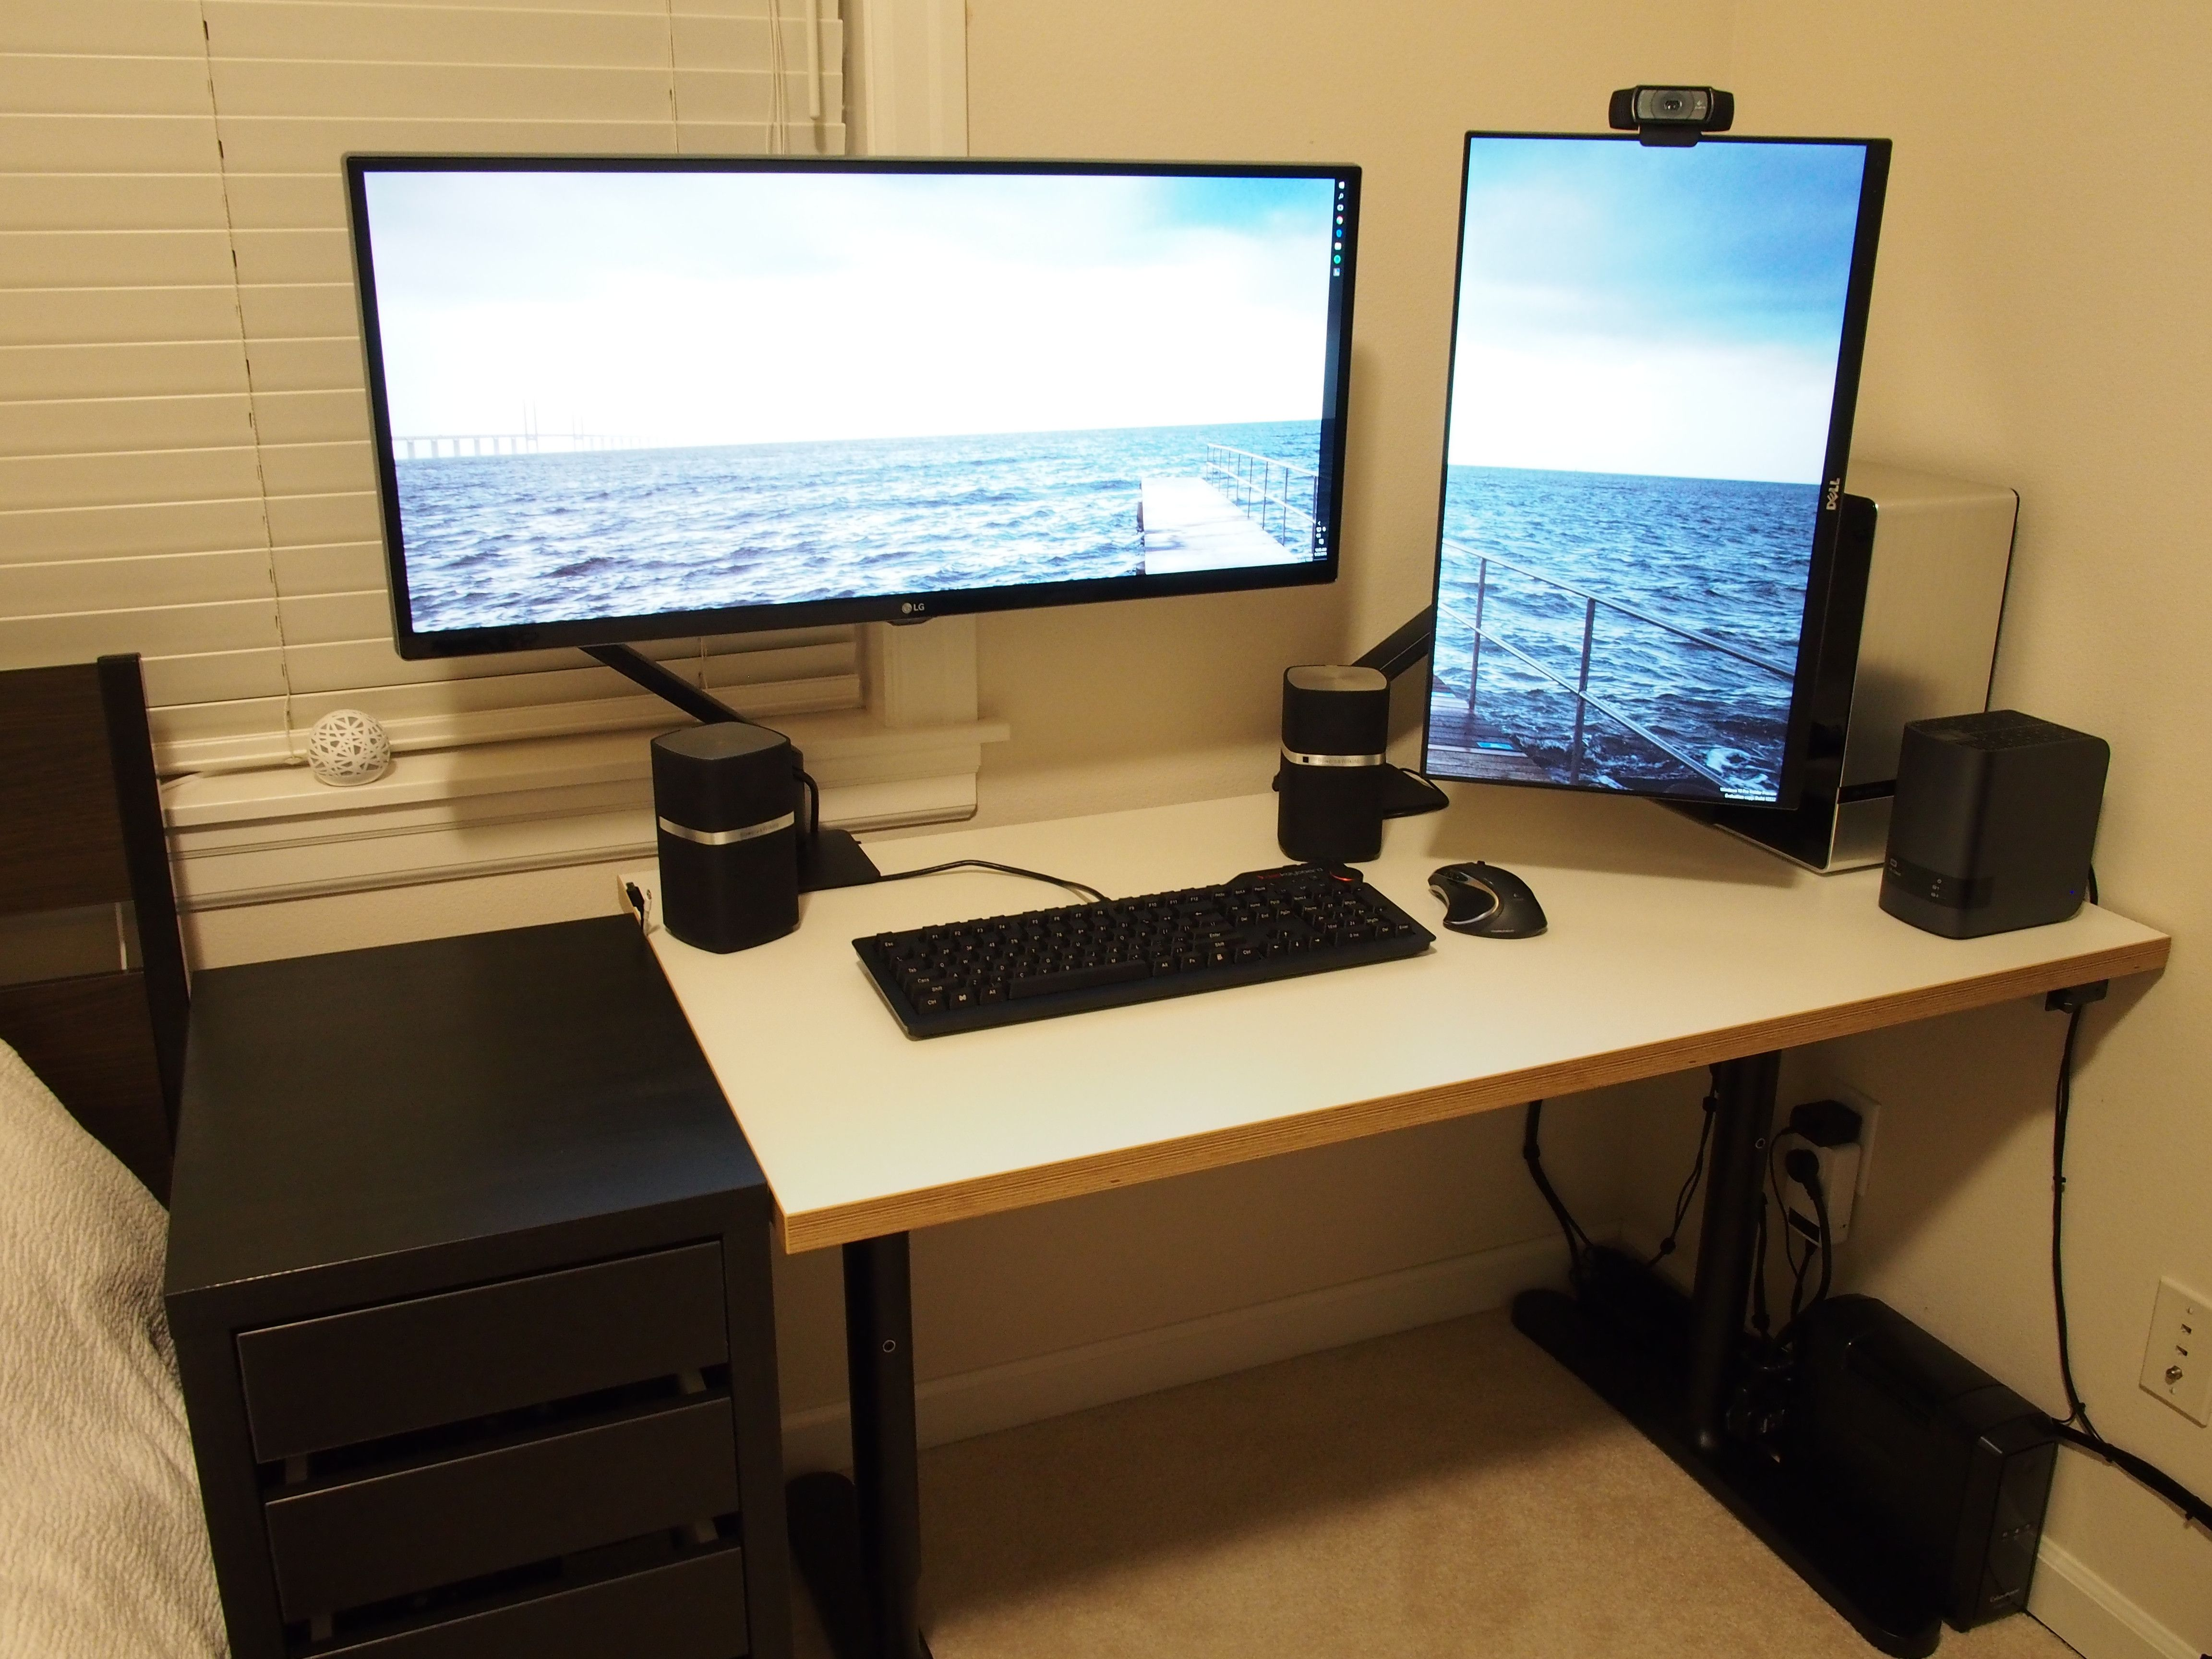 Multi User Computer Desk Dual Computer Monitor Desk Mount